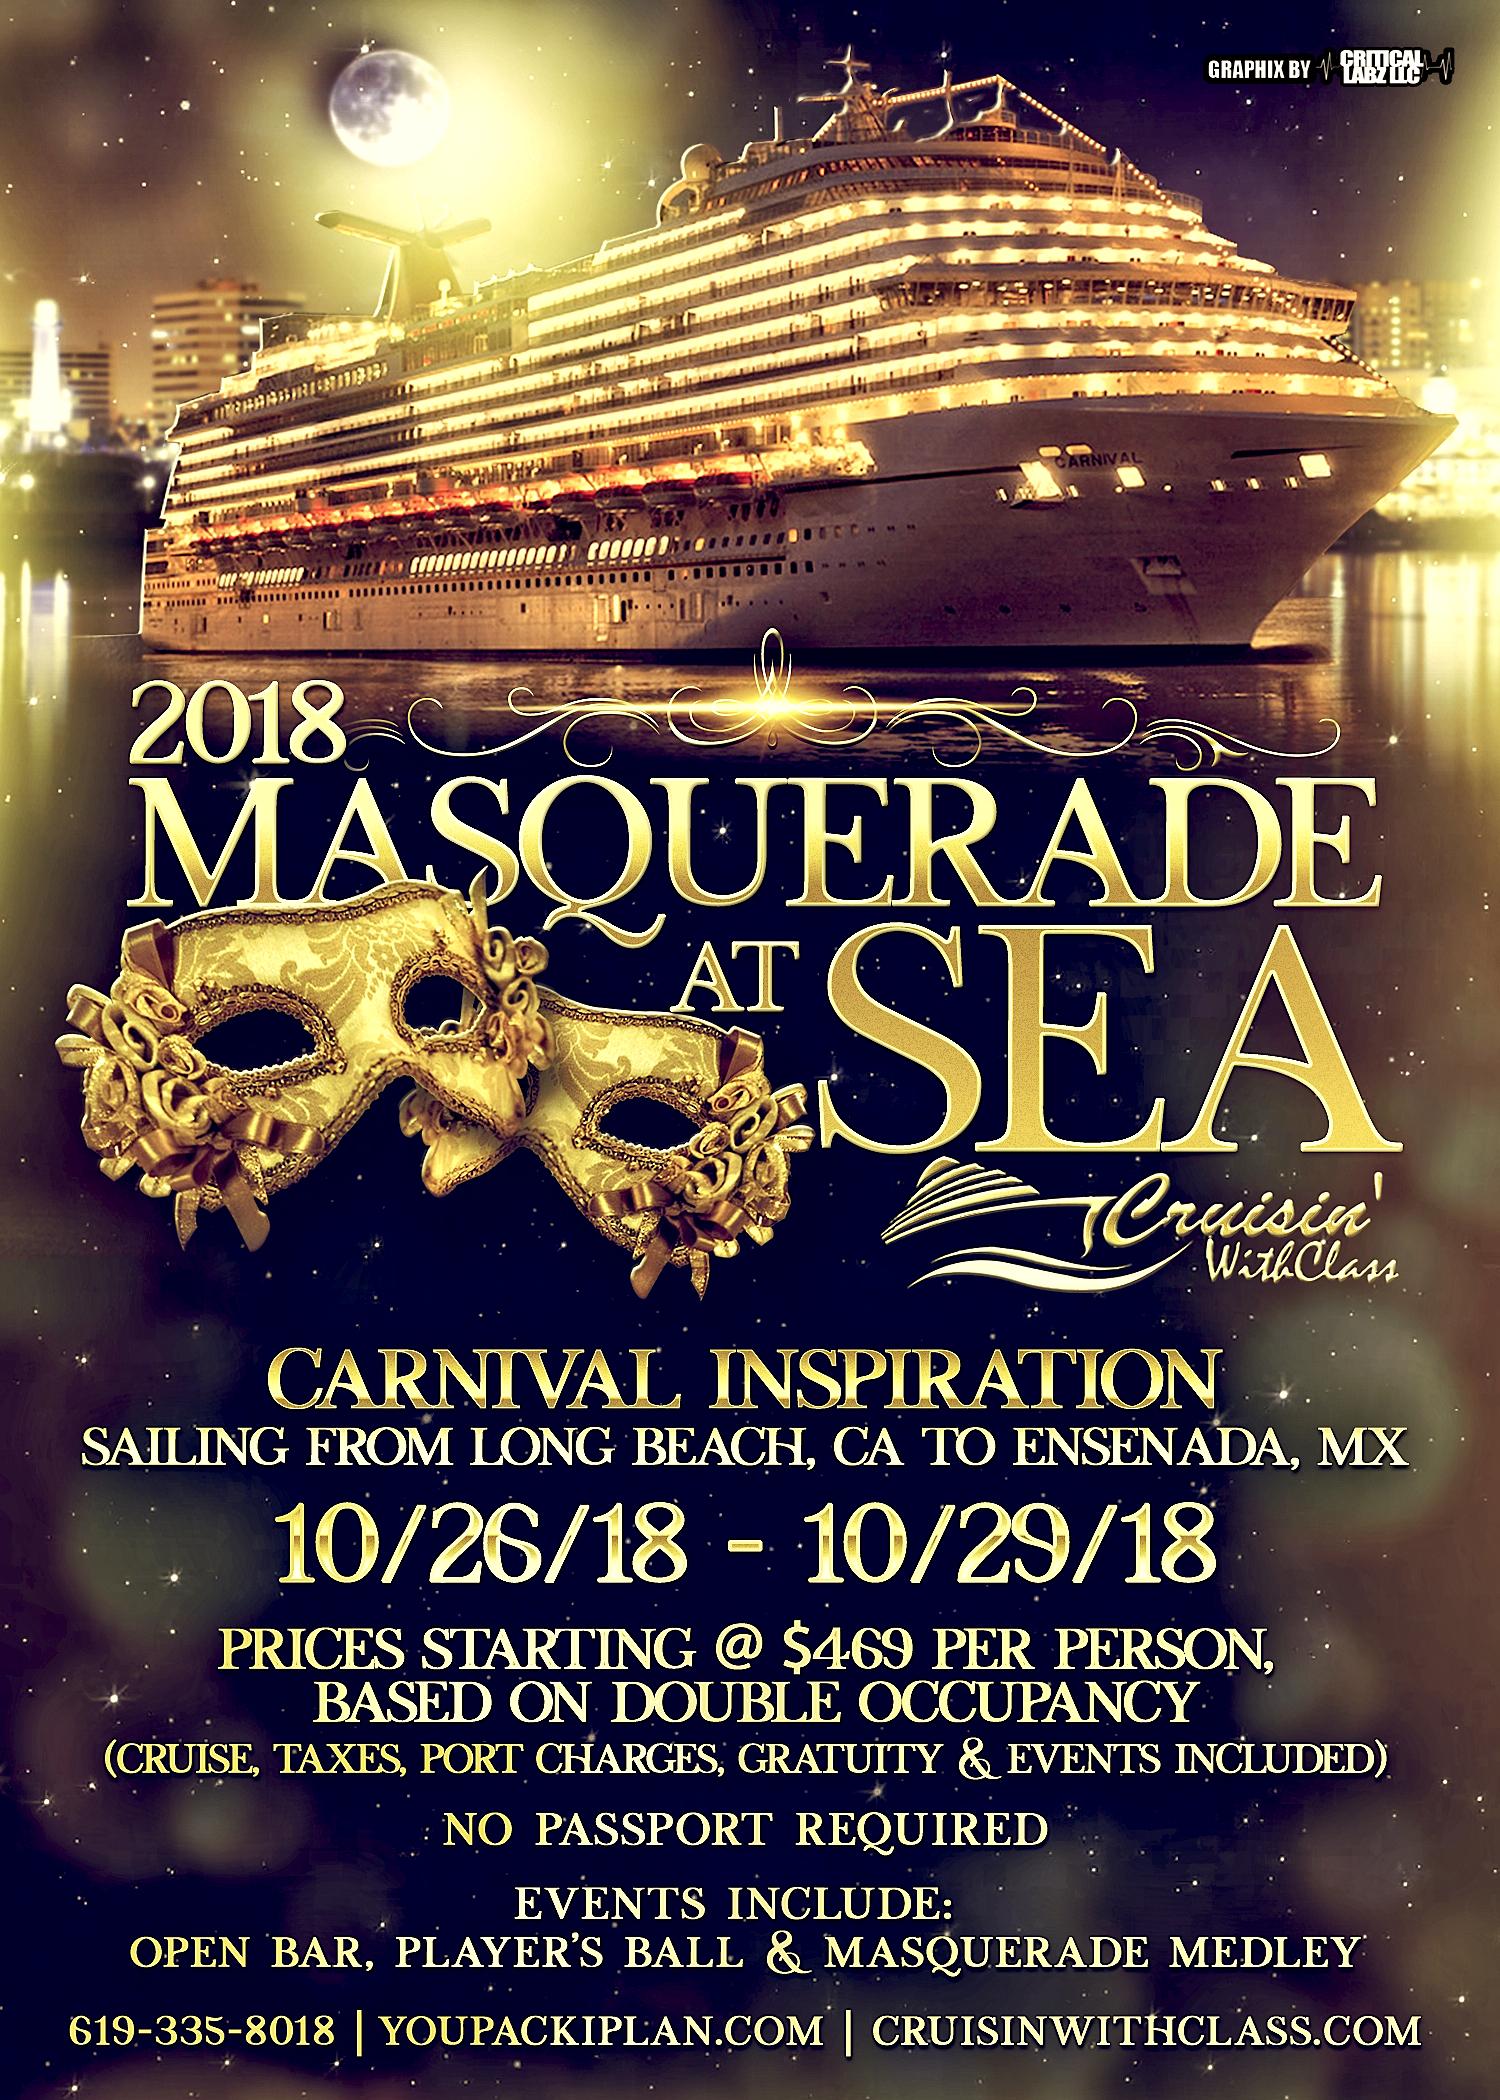 2018 Masquerade at Sea